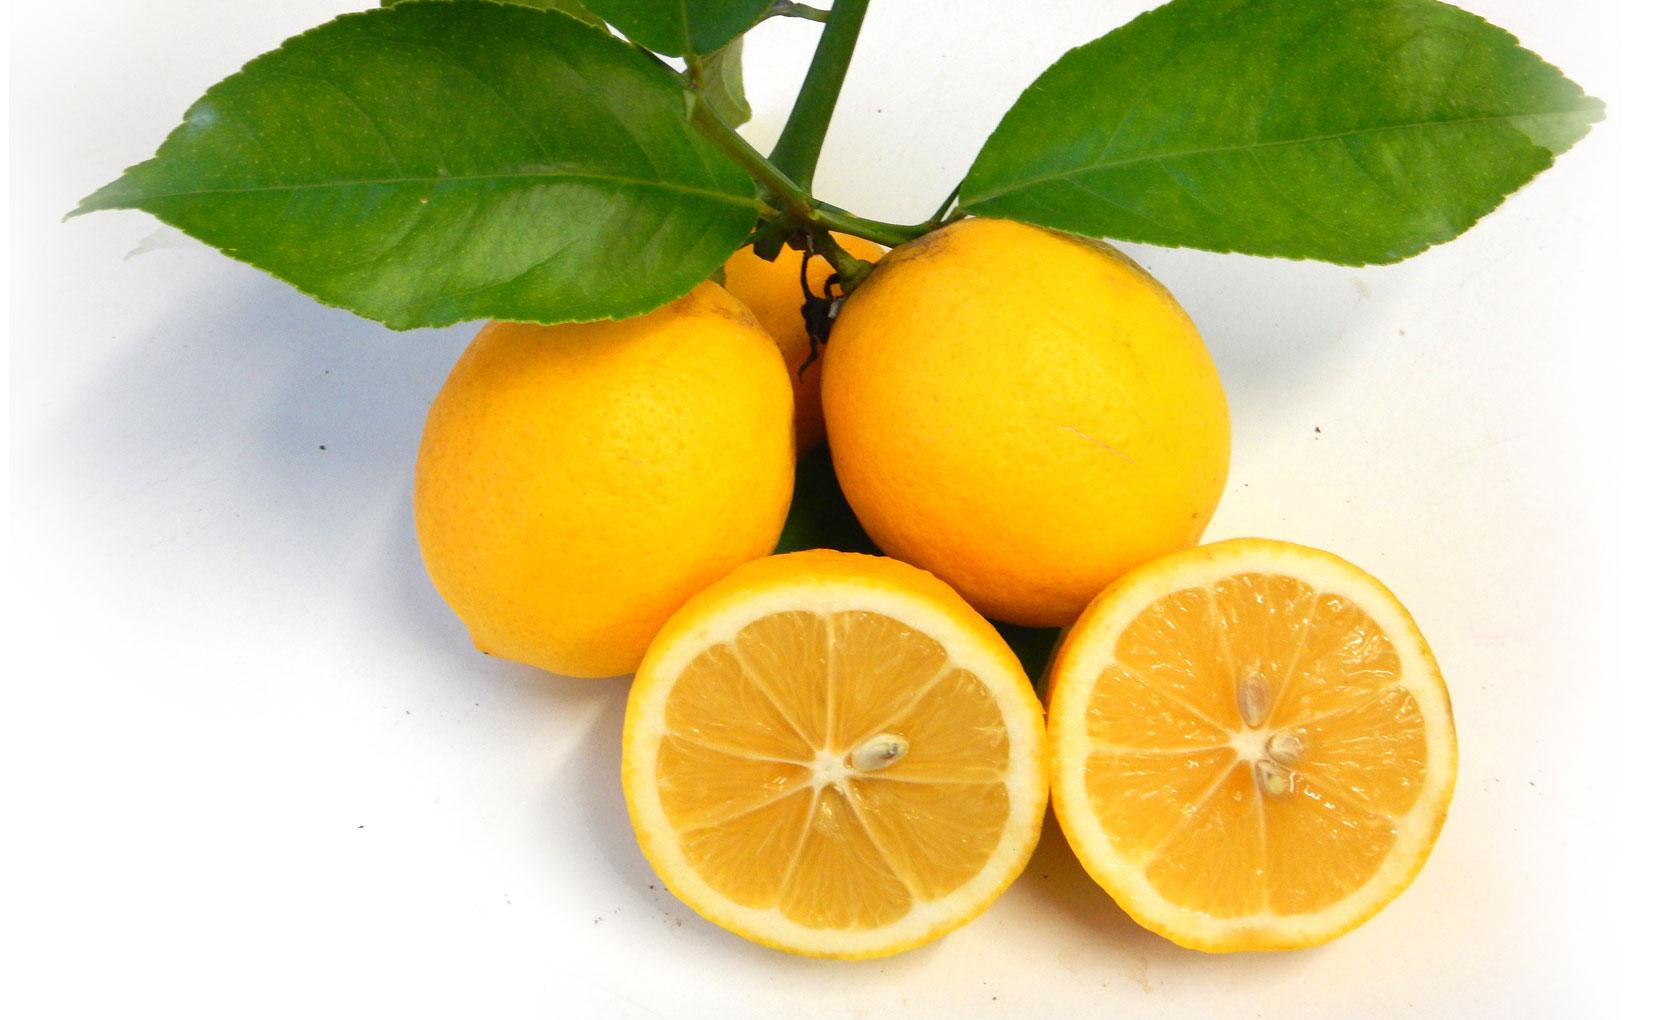 Frutto-limone-meyer.jpg